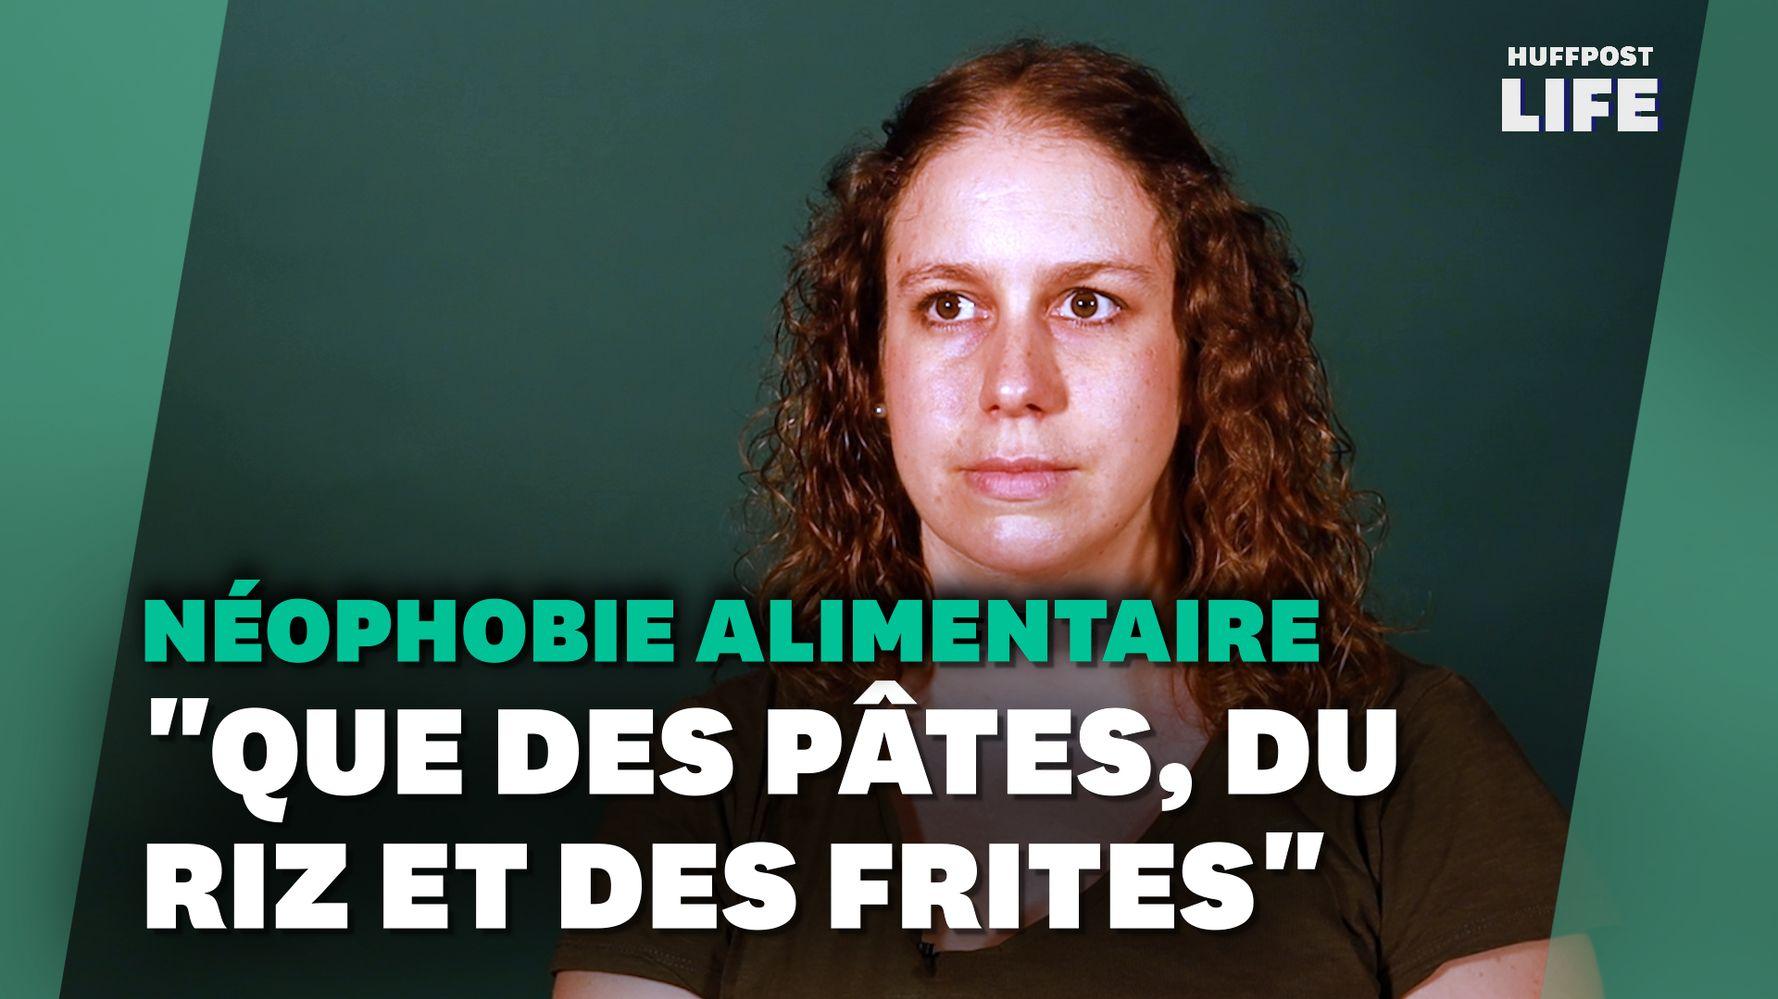 """""""J'ai peur de goûter de nouveaux aliments"""": le quotidien d'une néophobe alimentaire"""